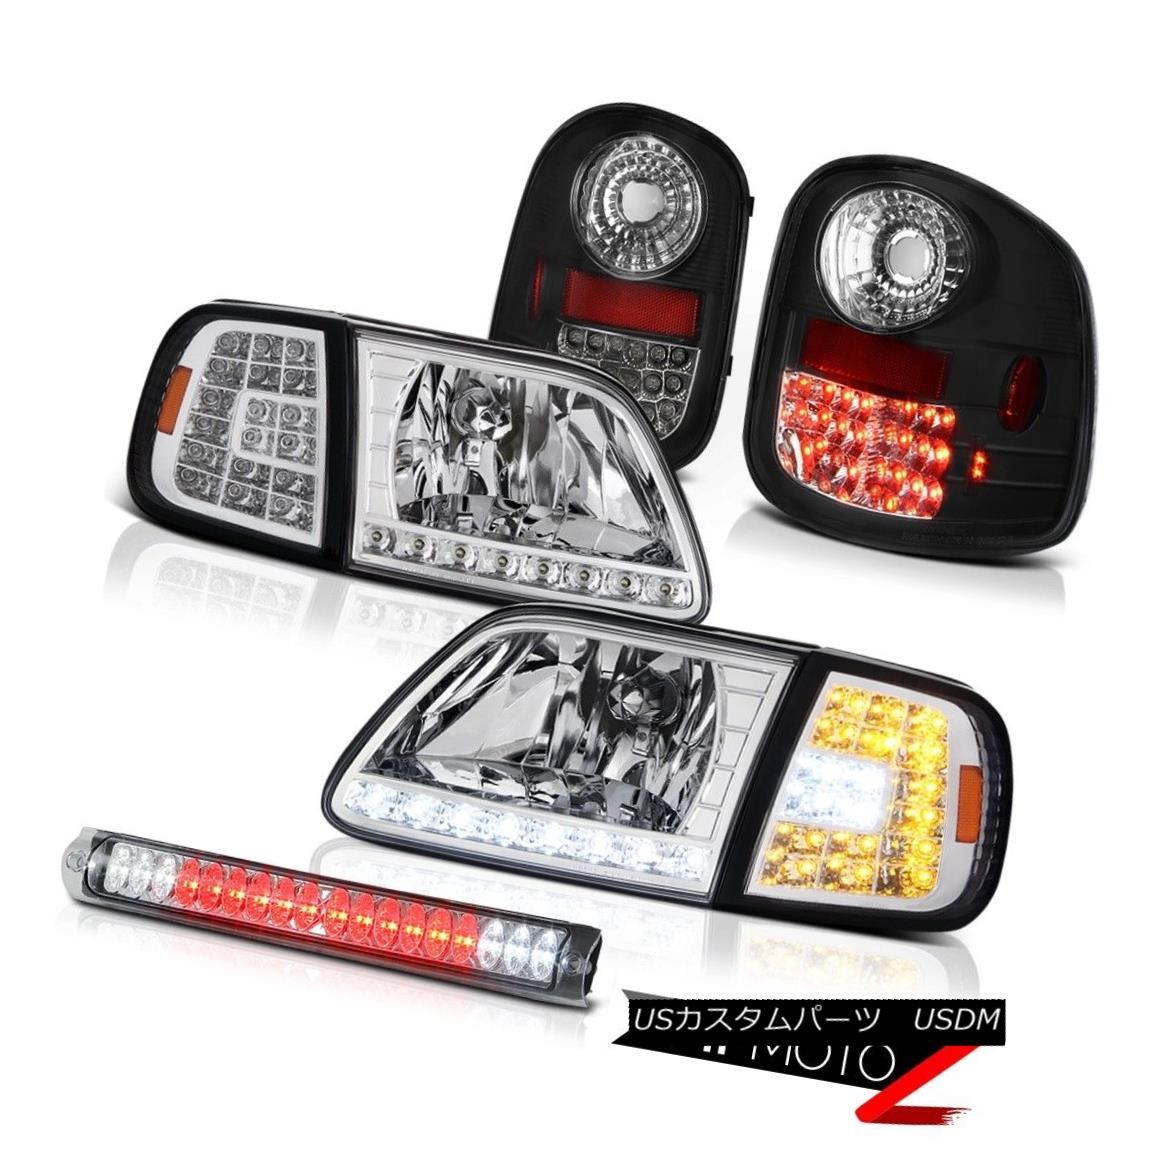 ヘッドライト SMD Headlights Taillamps High Brake LED 1997-2003 F150 Flareside Harley Davidson SMDヘッドライトタイルランプハイブレーキLED 1997-2003 F150 Flaresideハーレーダビッドソン